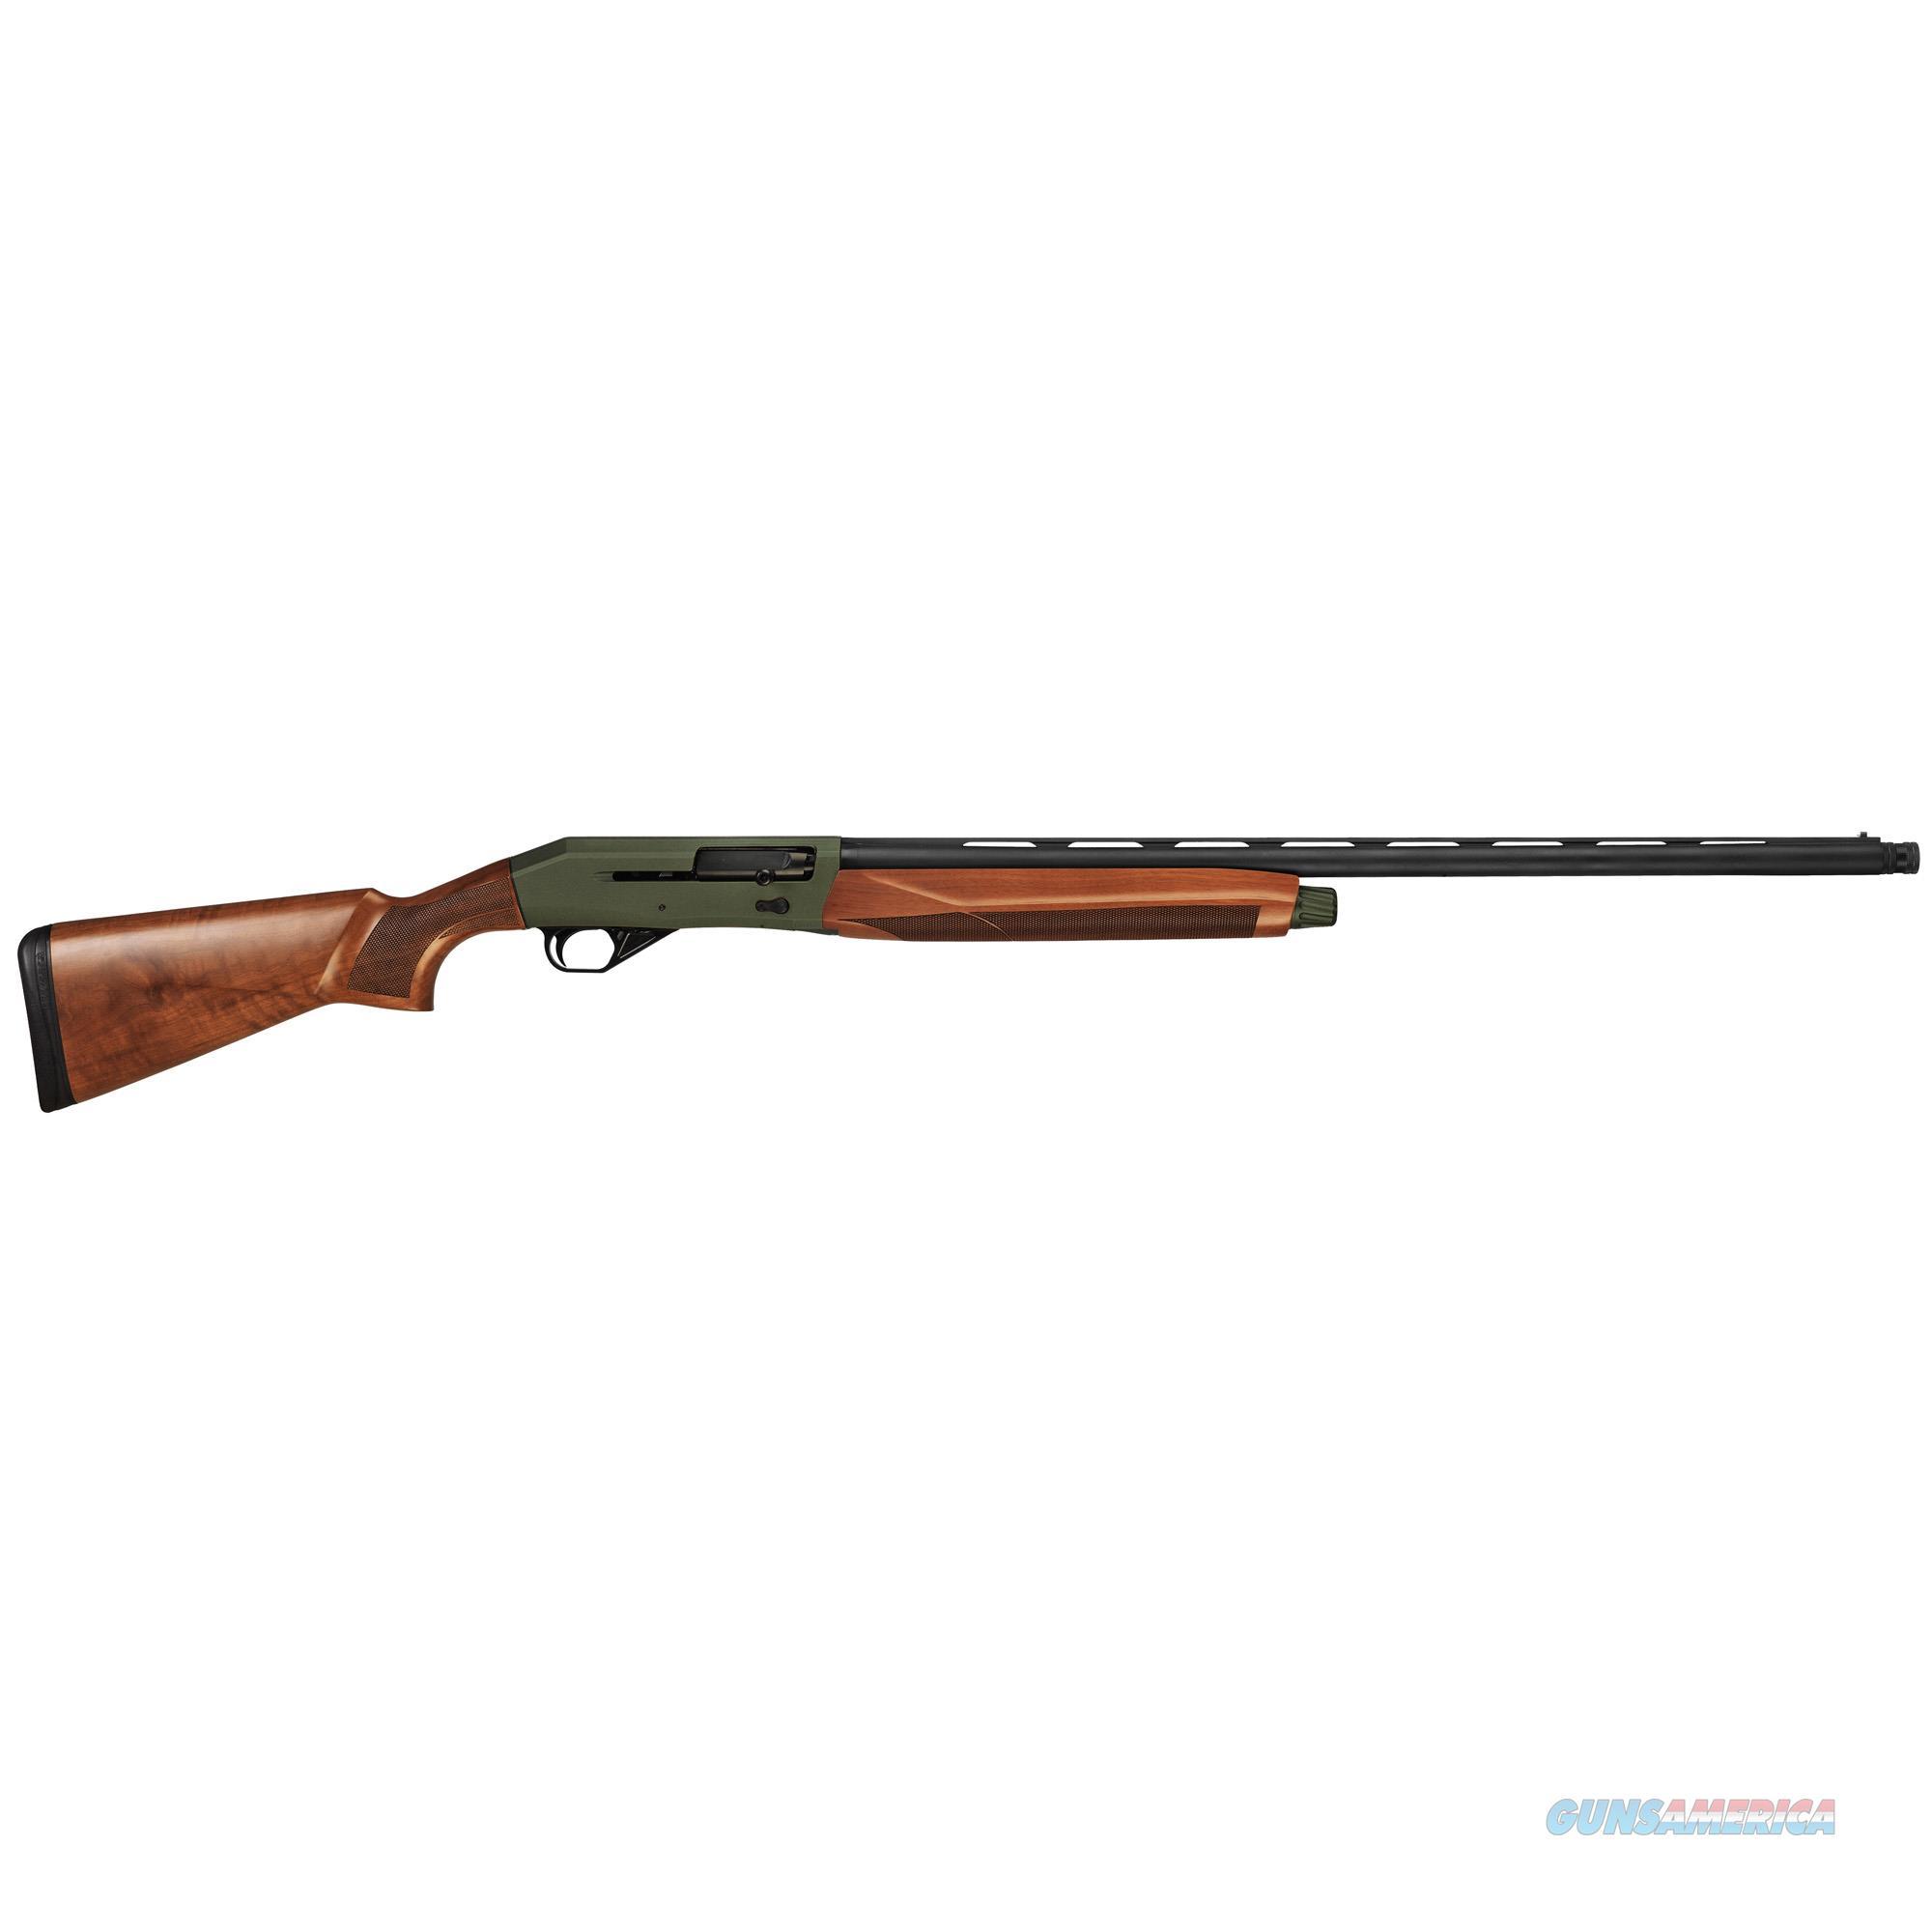 Cz 1012, Cz 06356 1012           12 28 Semi Auto All Terr  Guns > Pistols > 1911 Pistol Copies (non-Colt)